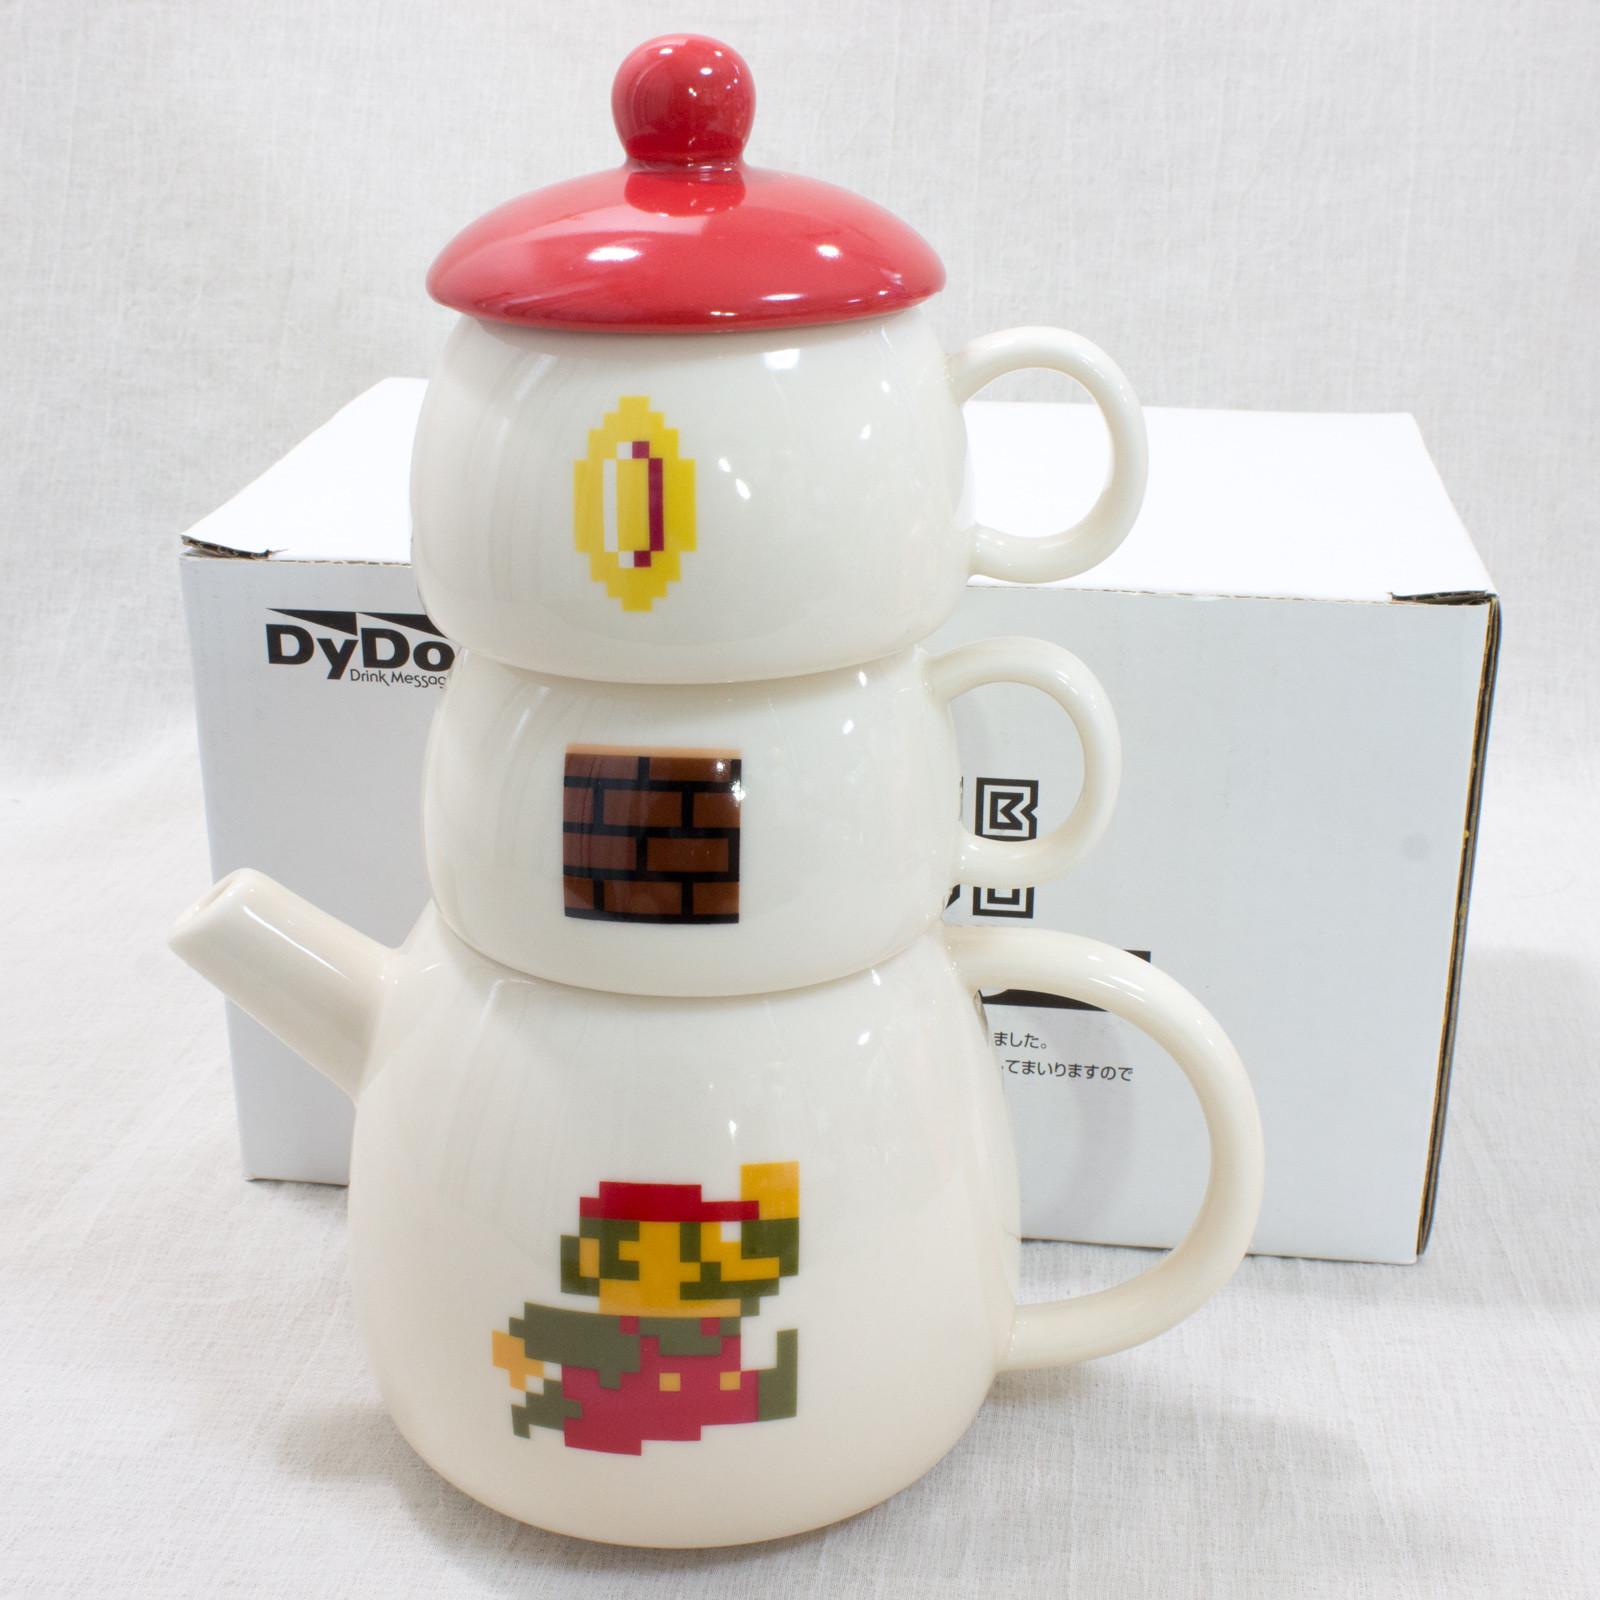 RARE! Super Mario Bros. Pot Tower Mug Set Club Dydo JAPAN GAME NINTNEDO NES